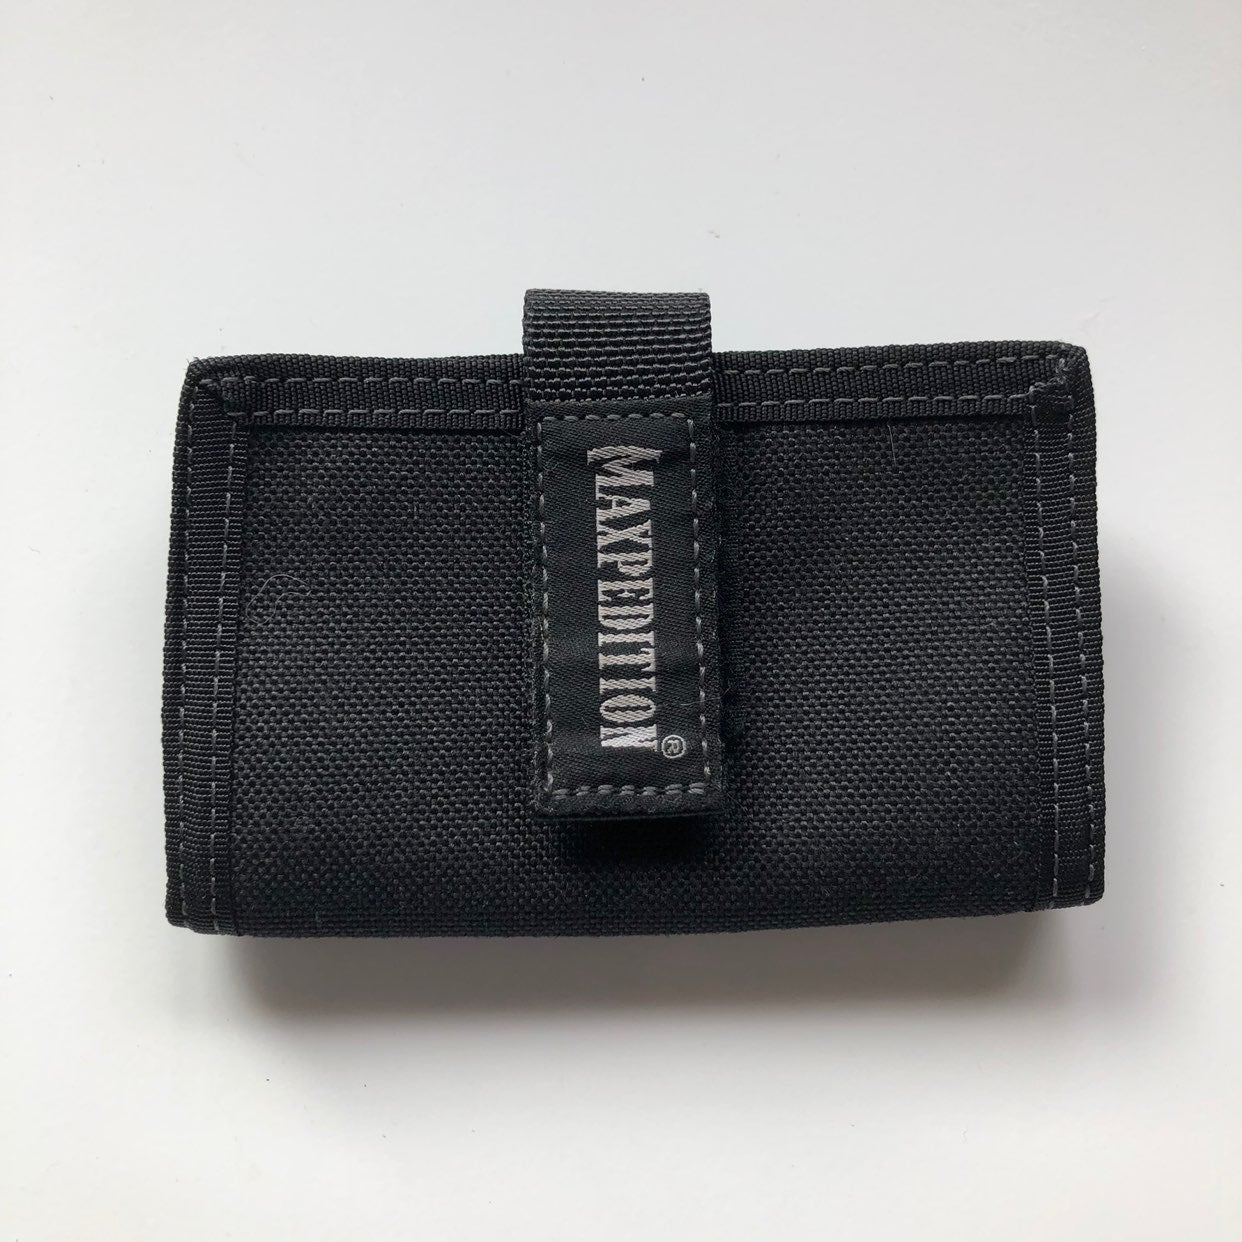 Maxpedition Black Wallet